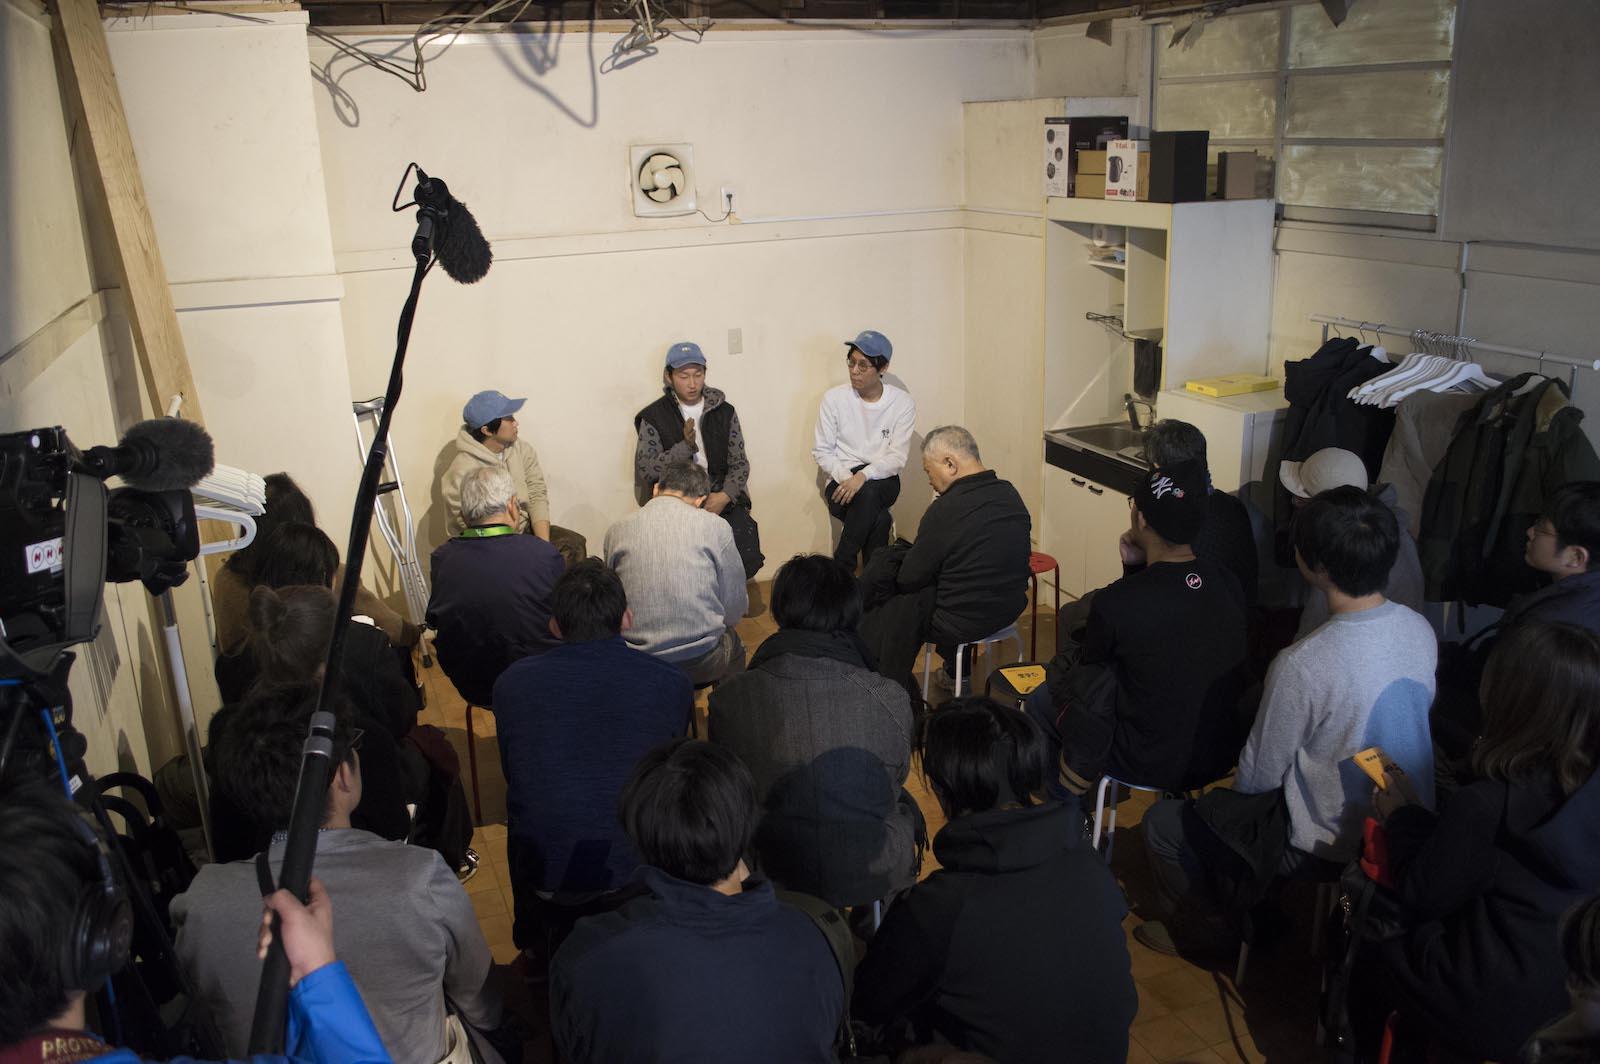 オープニングイベントにはNHK福島のテレビクルーによる取材も入った。